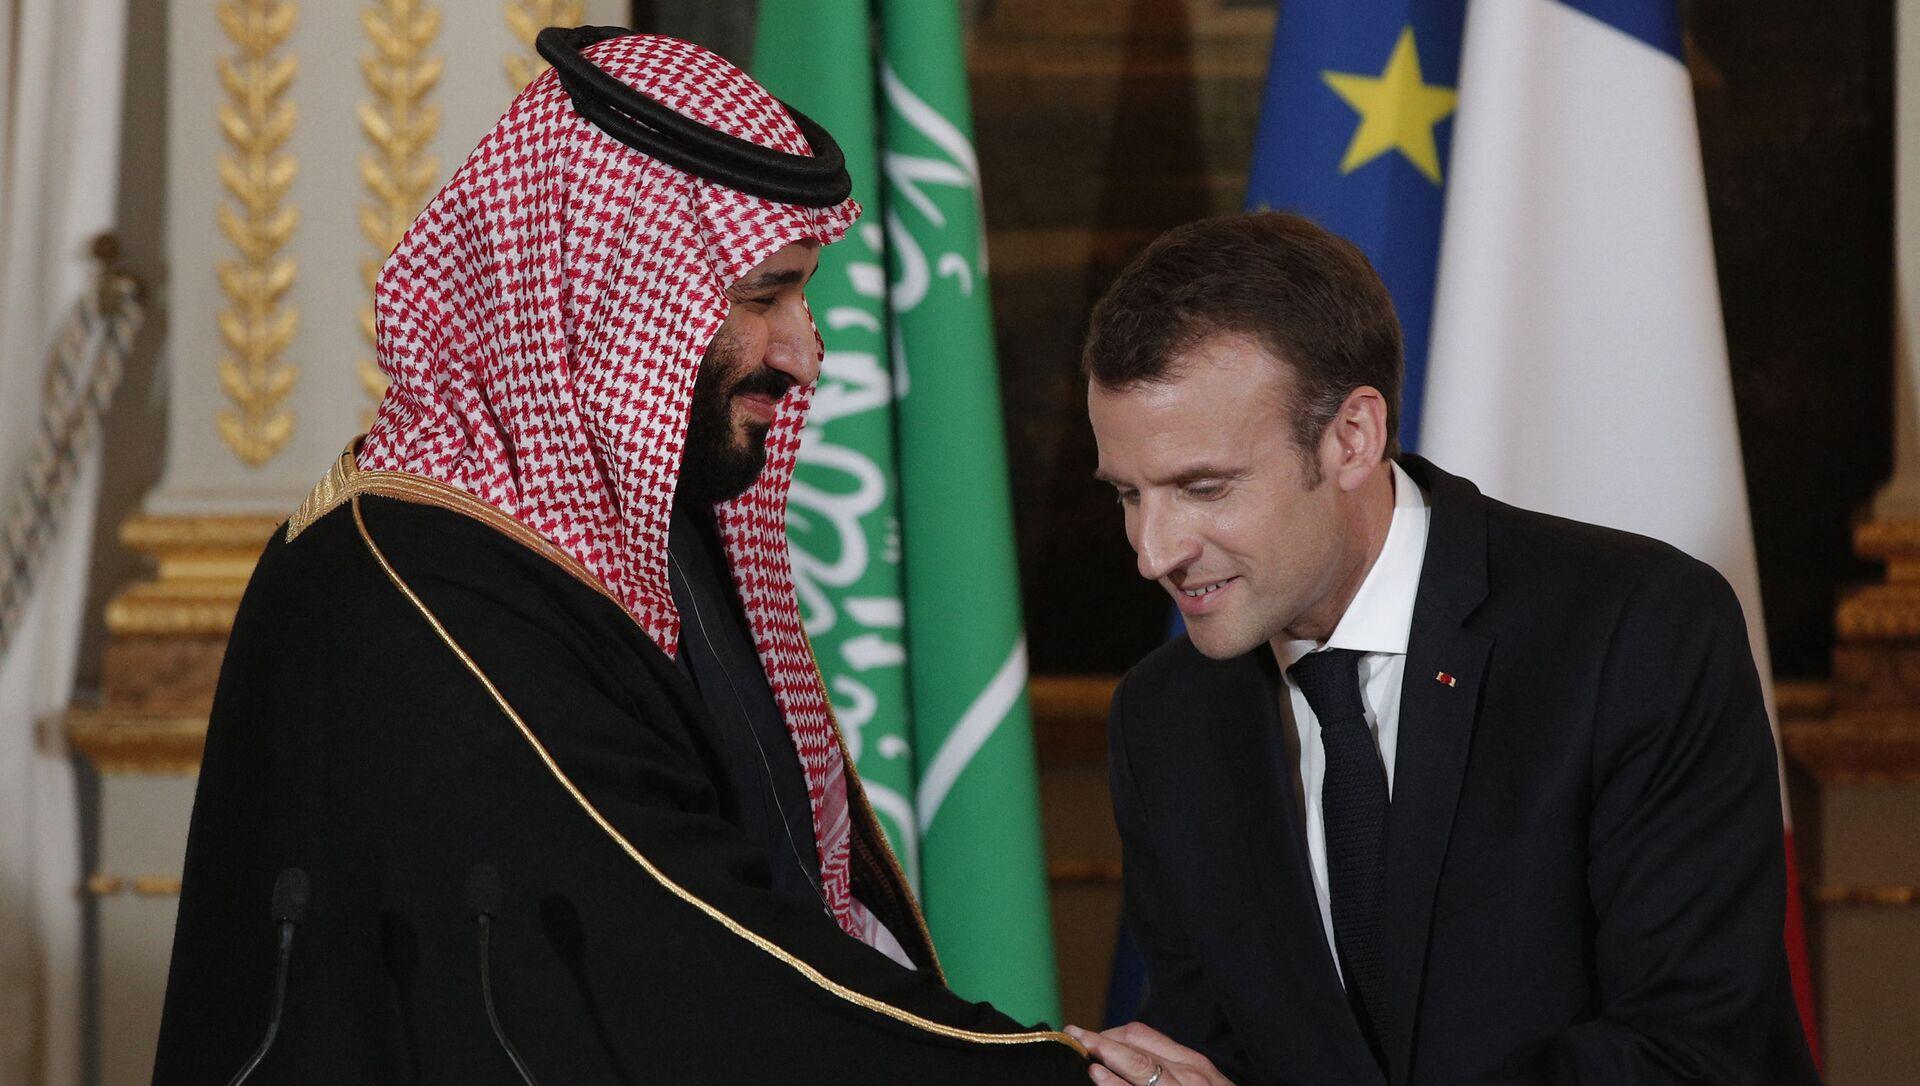 Conférence de presse conjointe d'Emmanuel Macron et Mohamed Ben Salmane - Sputnik France, 1920, 17.03.2021